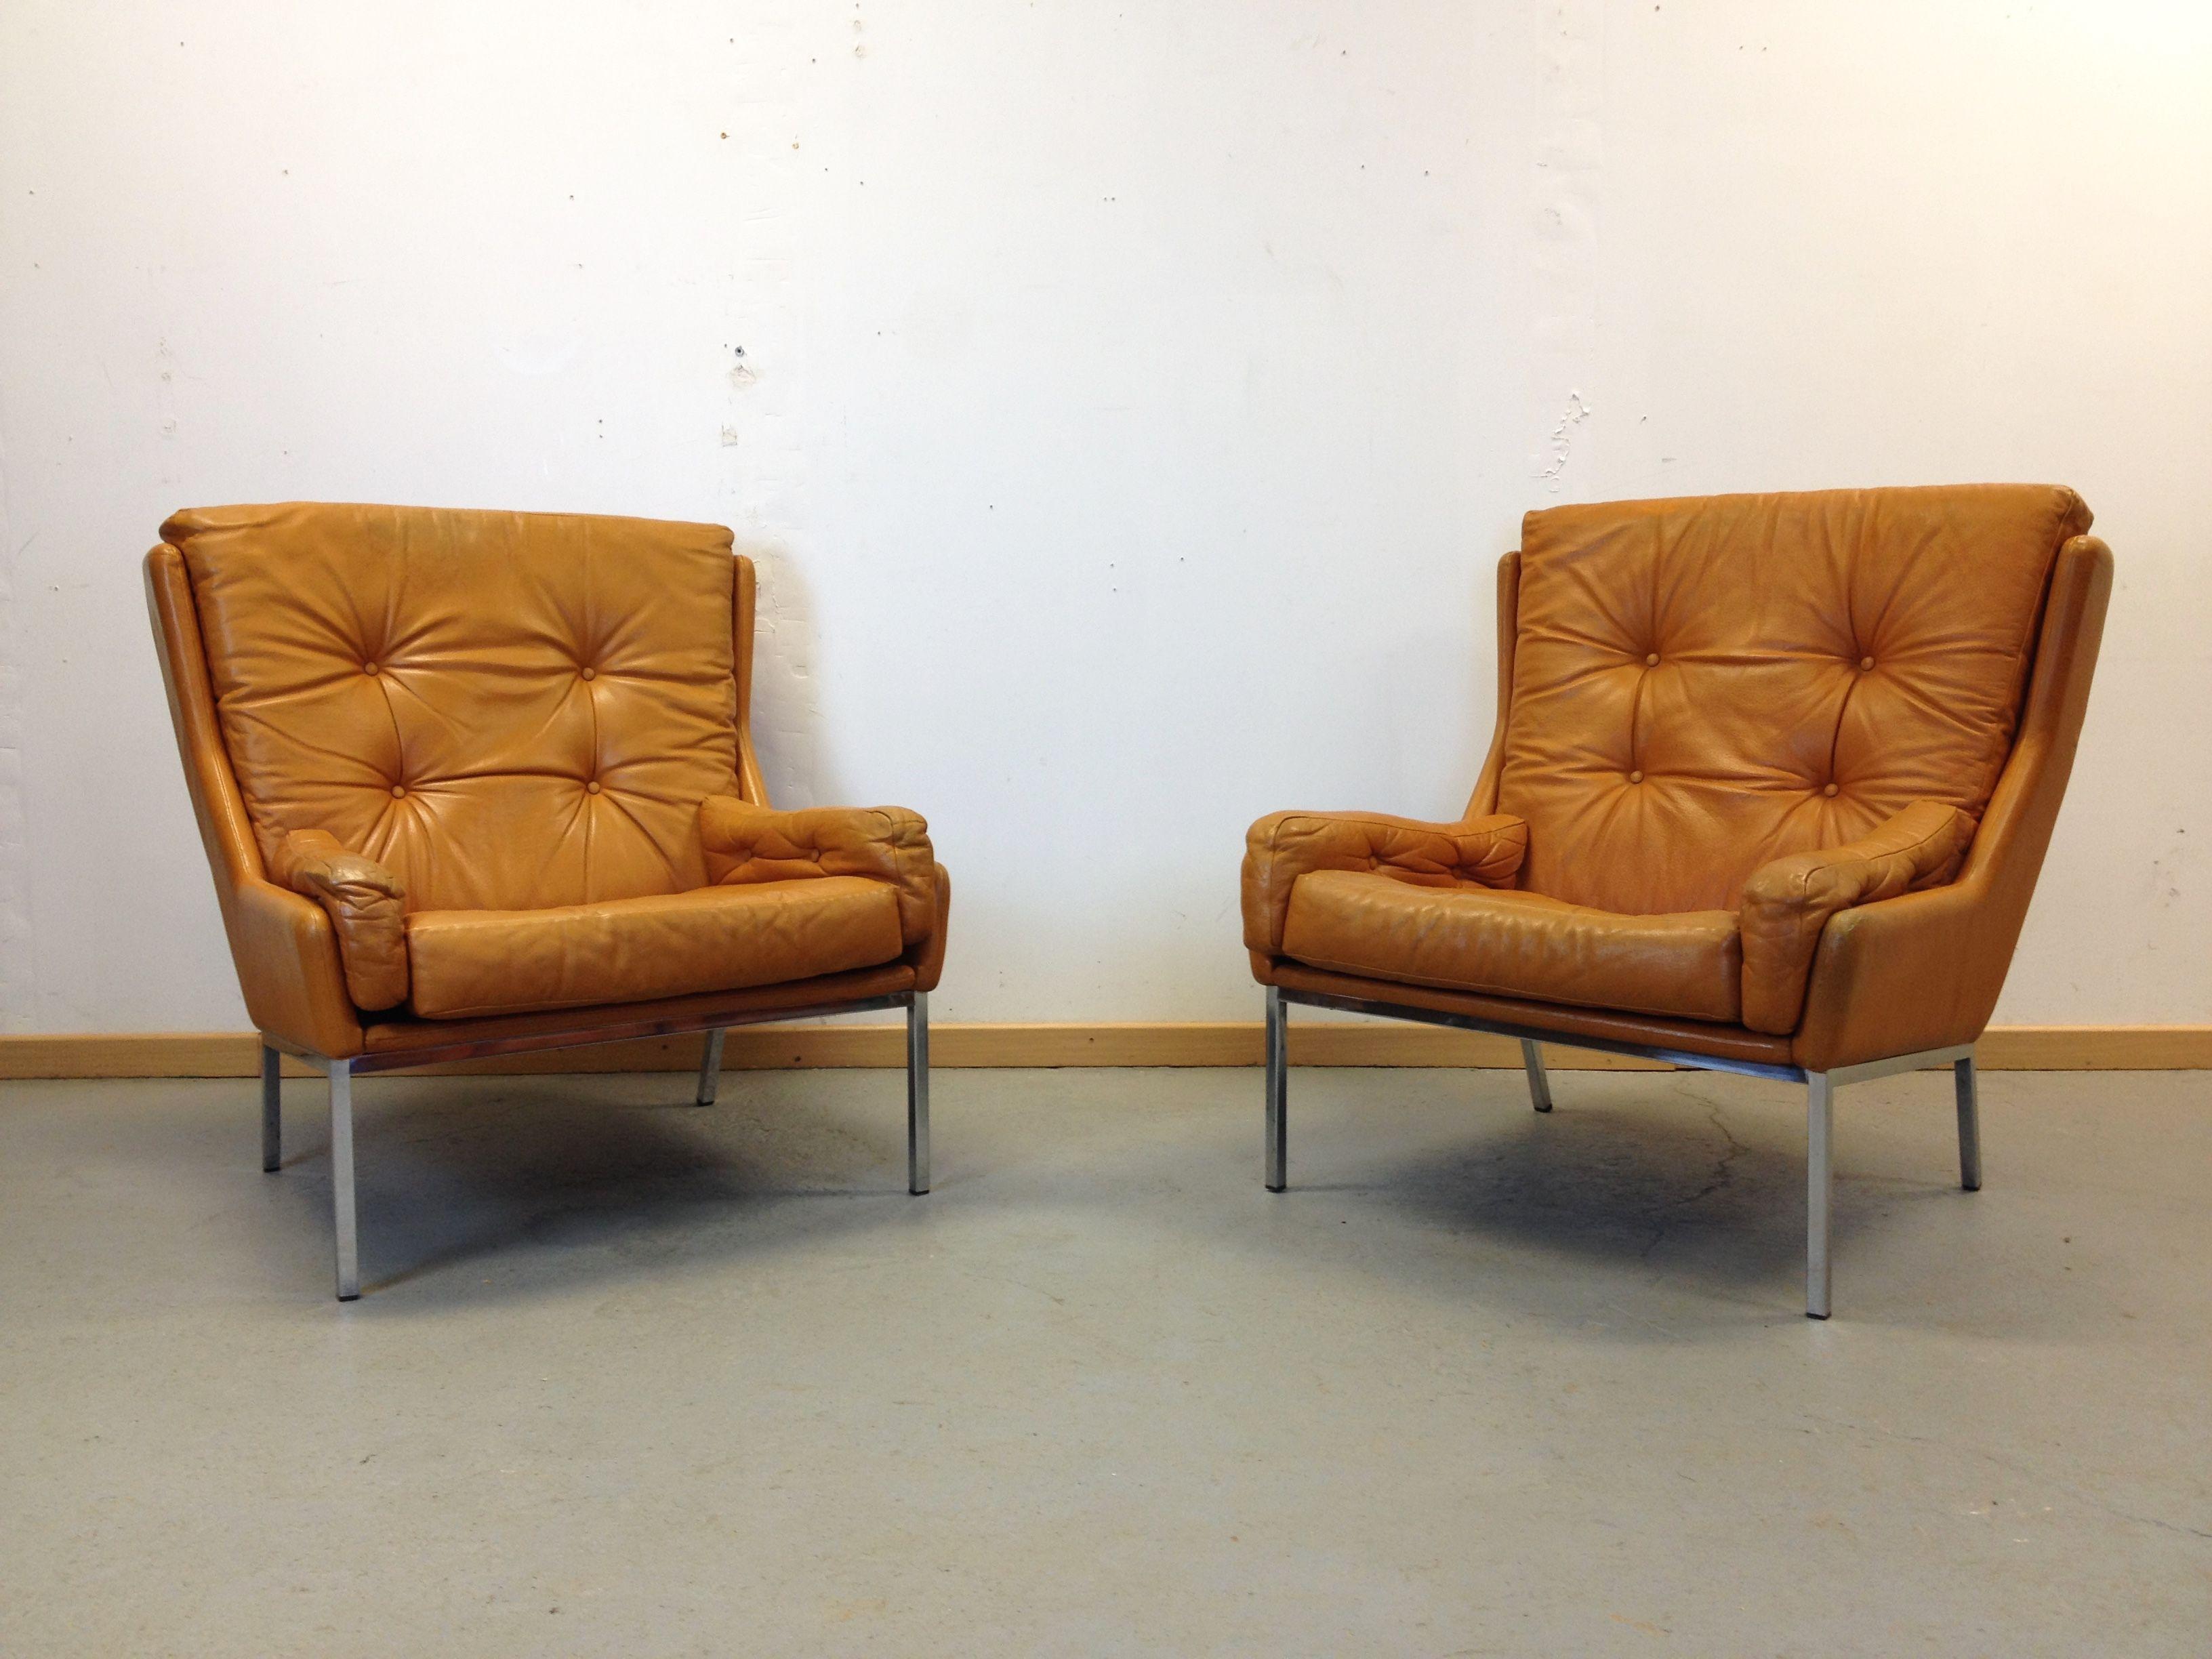 magnifique fauteuil scandinave cuir